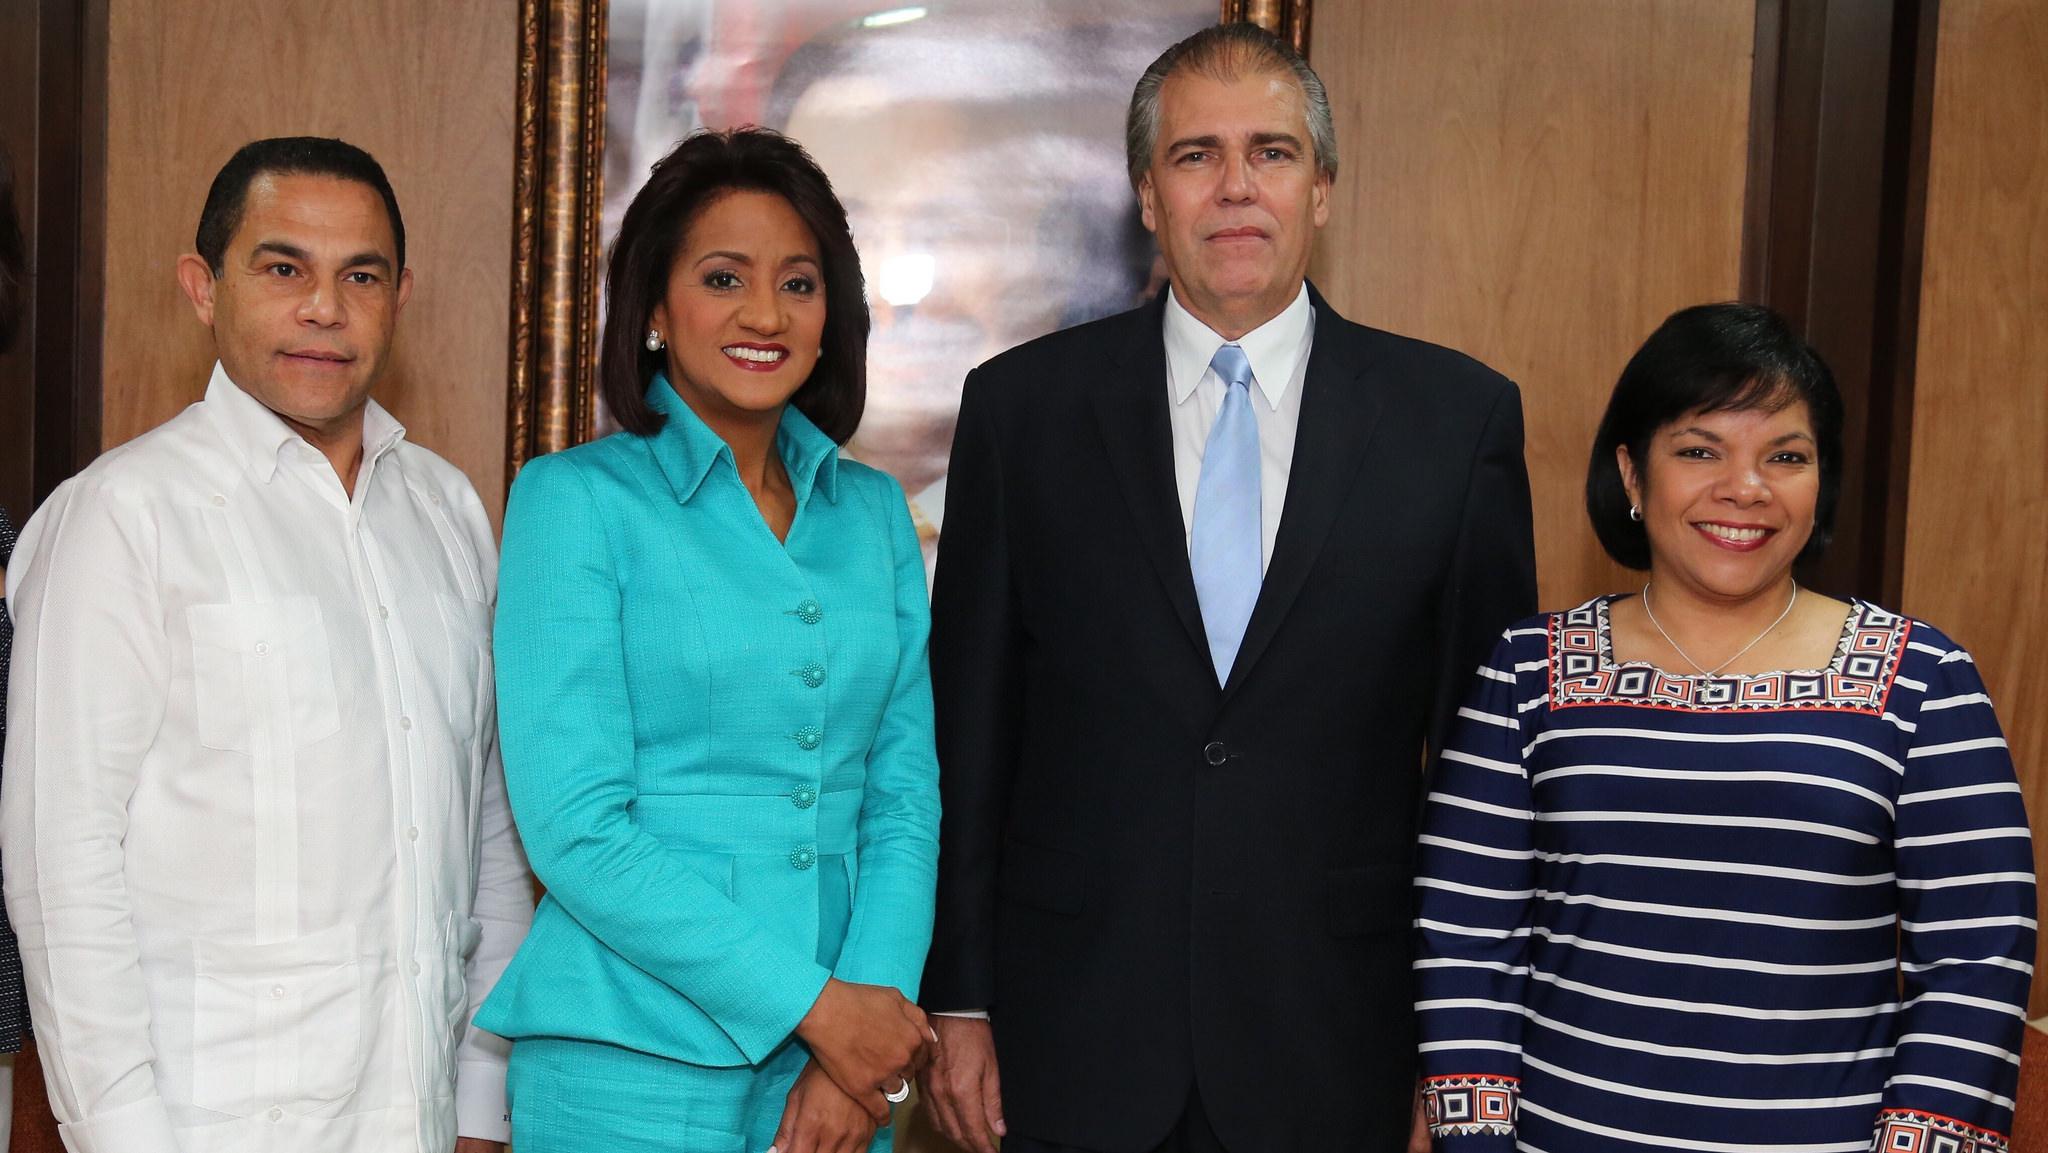 Primera-dama-Cándida-Montilla-de-Medina-y-el-embajador-de-Cuba-en-RD-y-otros-acompañantes.